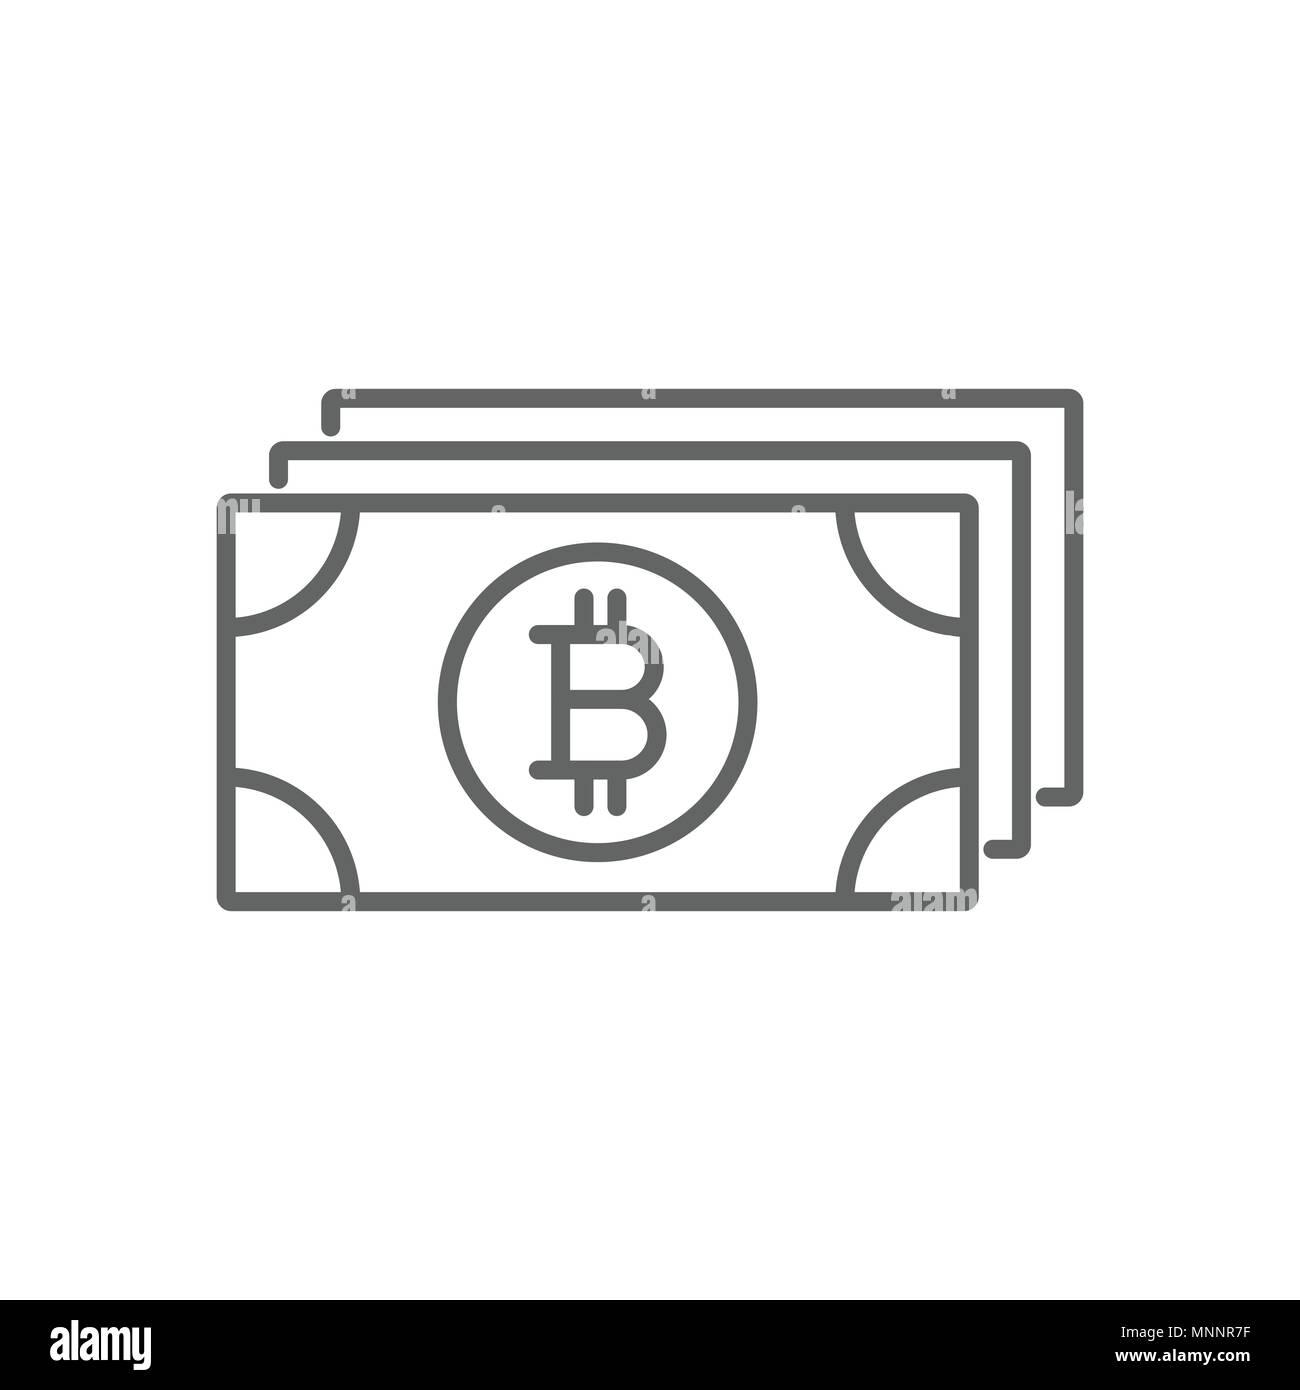 bitcoin paper money thin line vector symbol graphic icon design